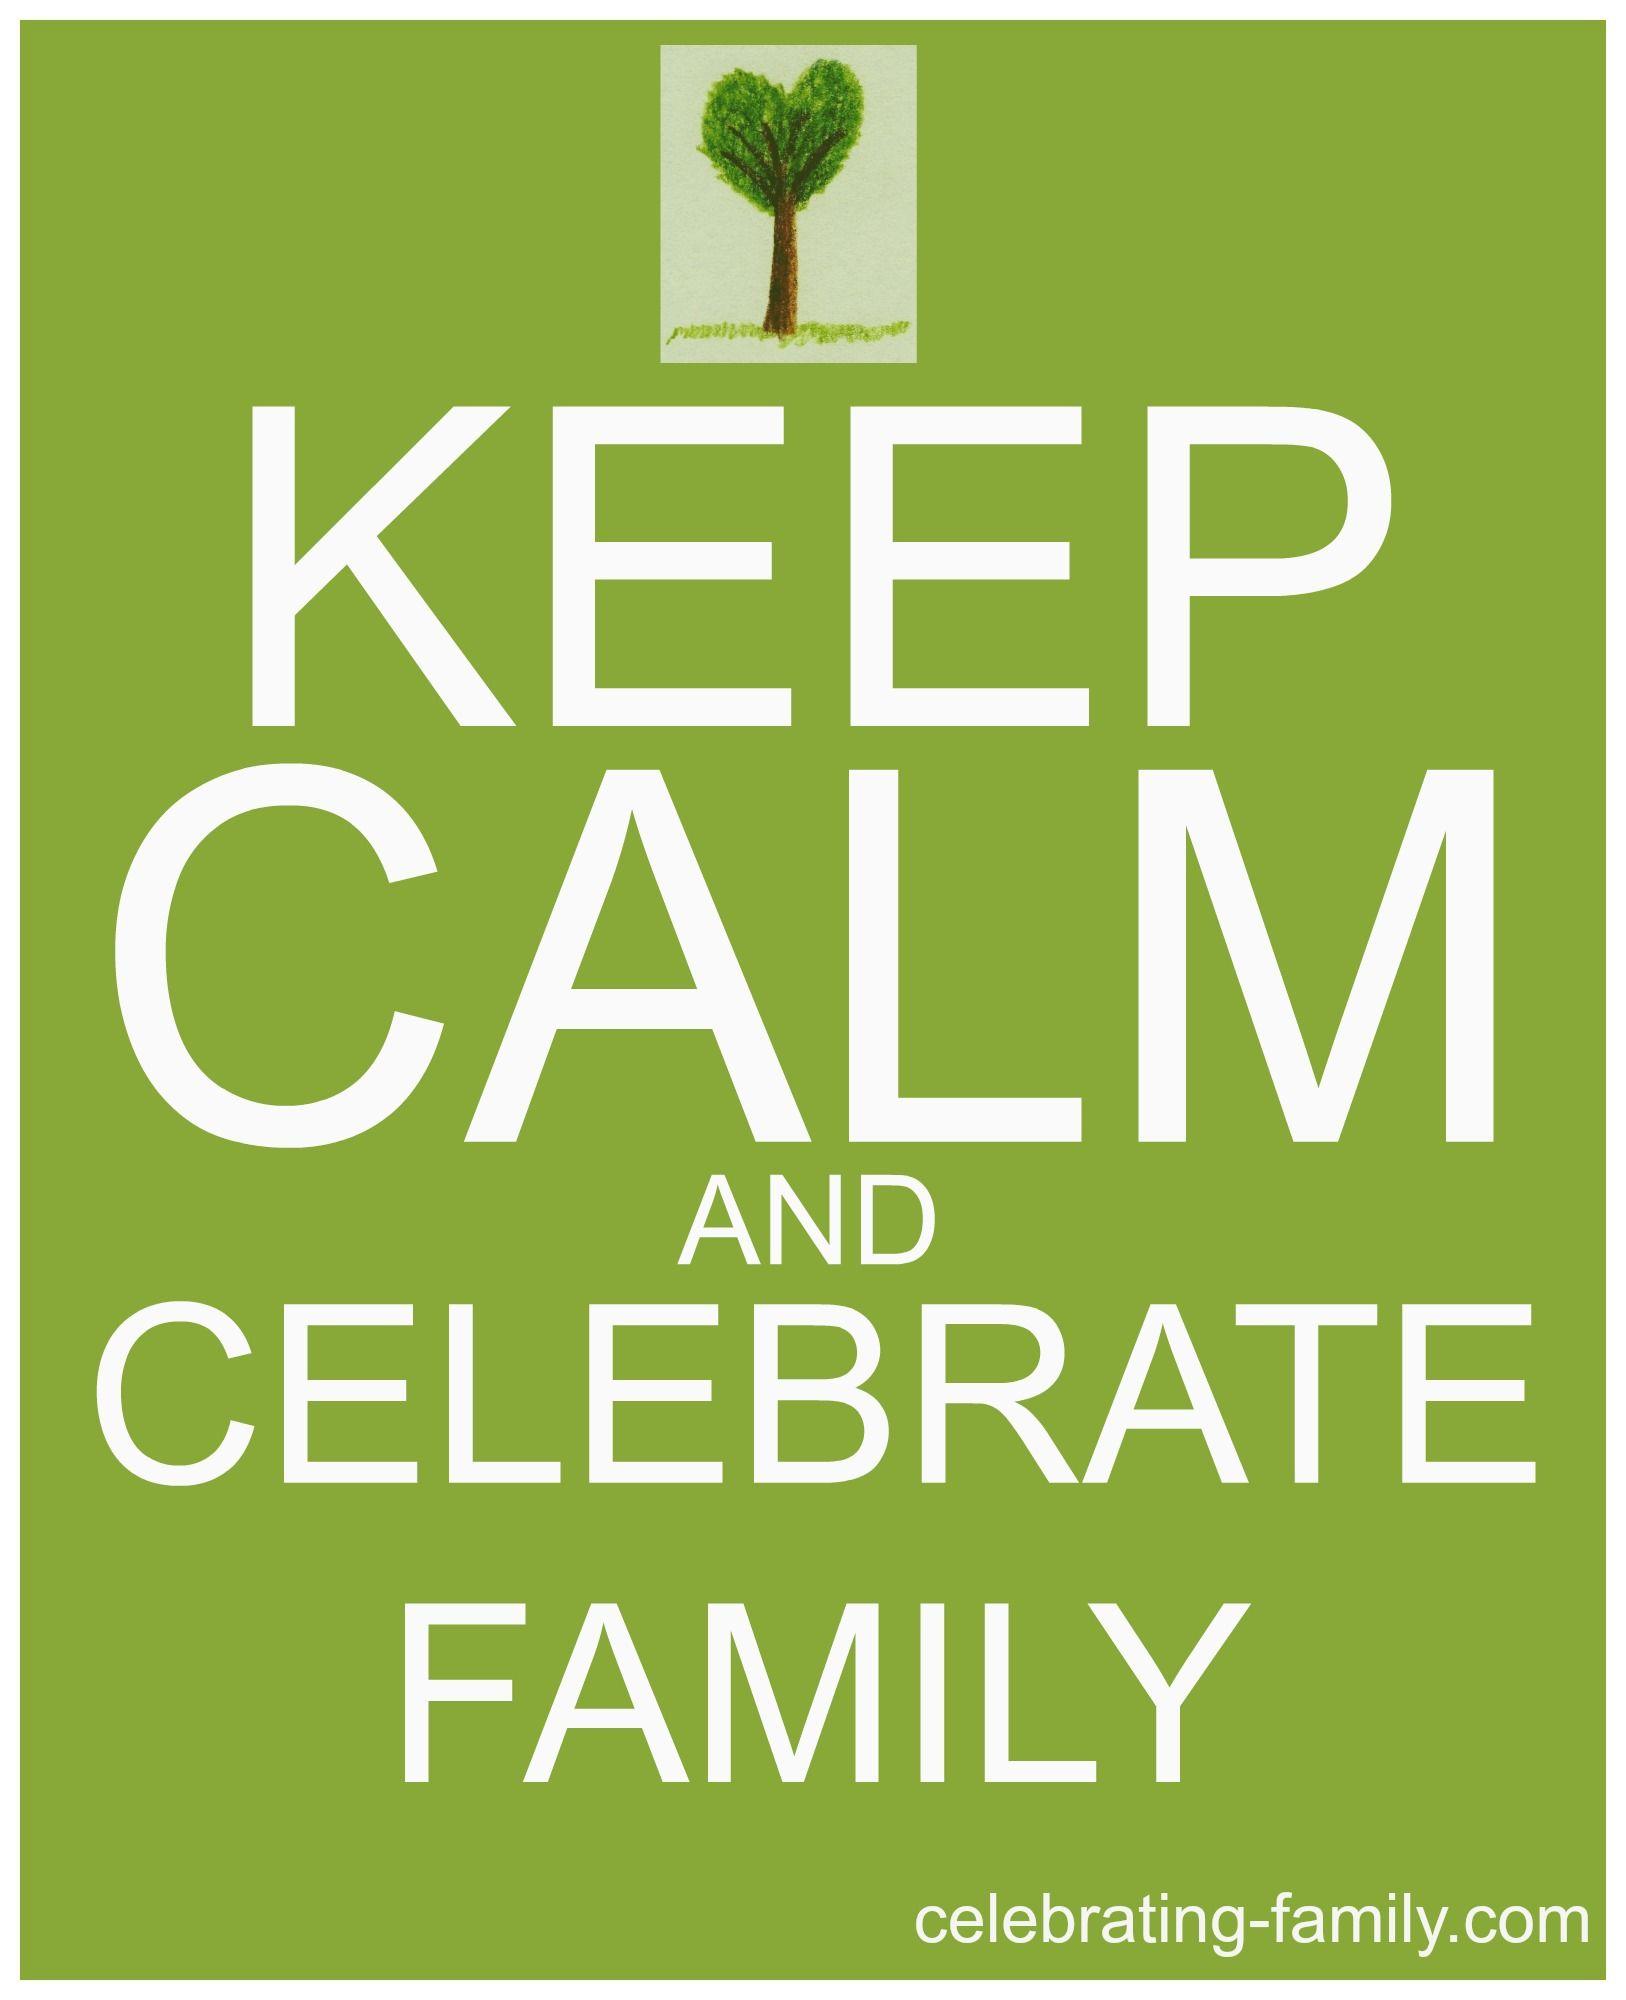 Keep Calm Celebrating Family Family reunion, Keep calm